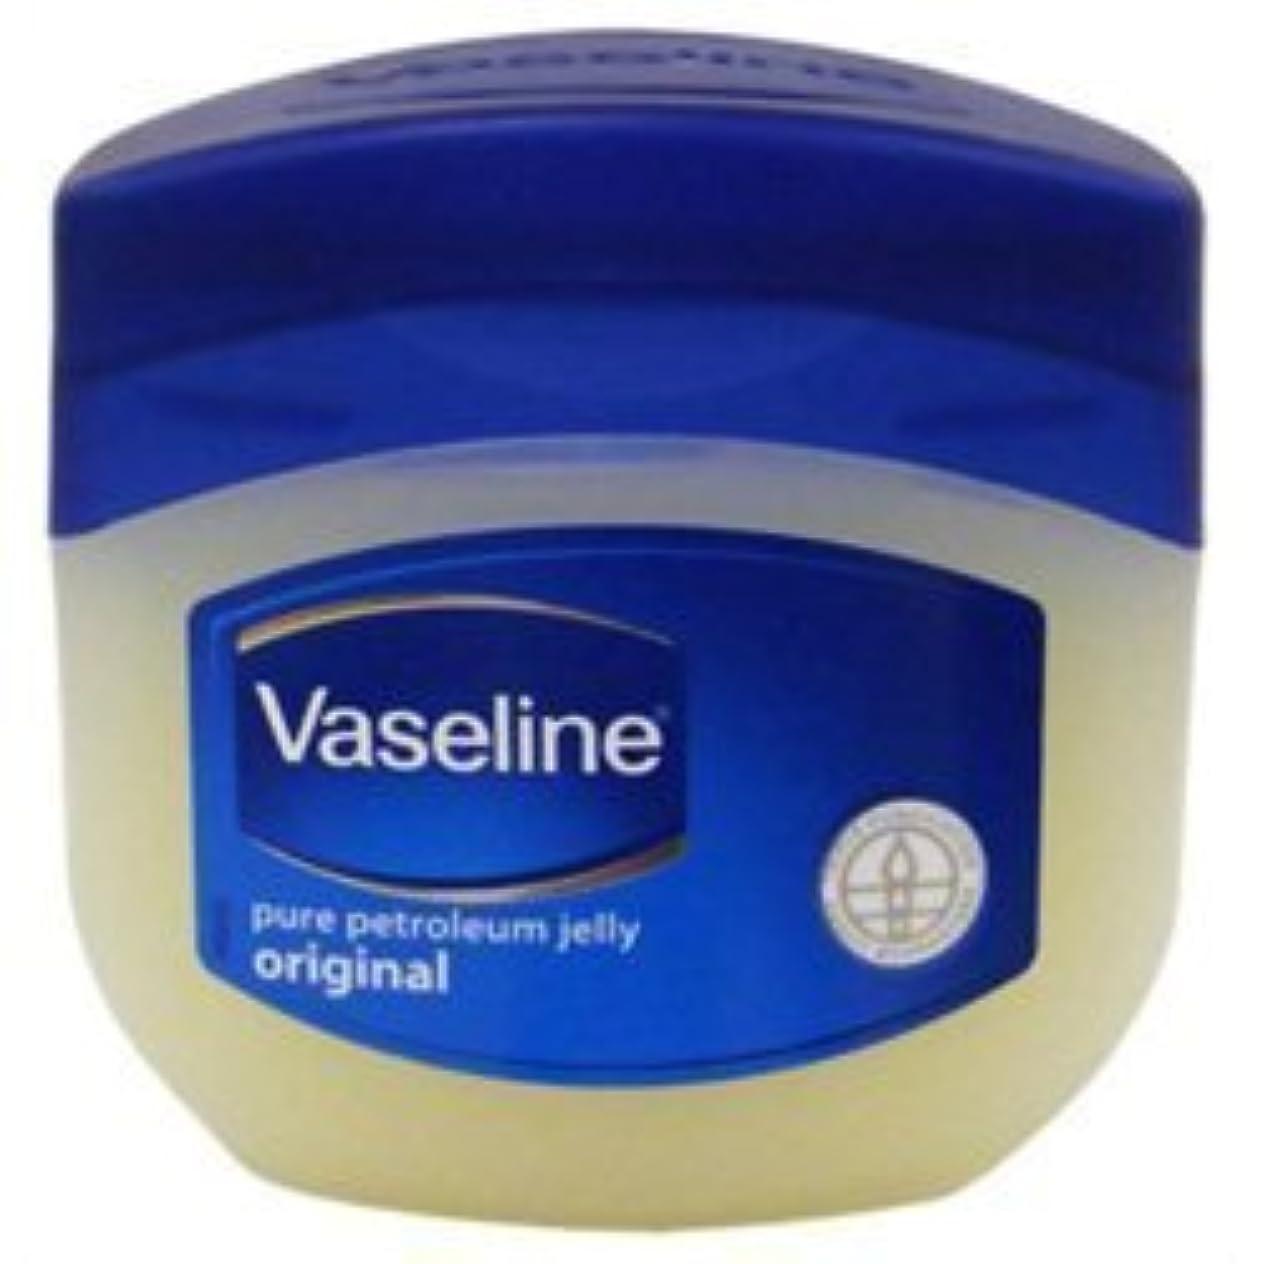 ロデオむちゃくちゃ世論調査【Vaseline】ヴァセリン ピュアスキンジェリー (スキンオイル) 80g ×10個セット